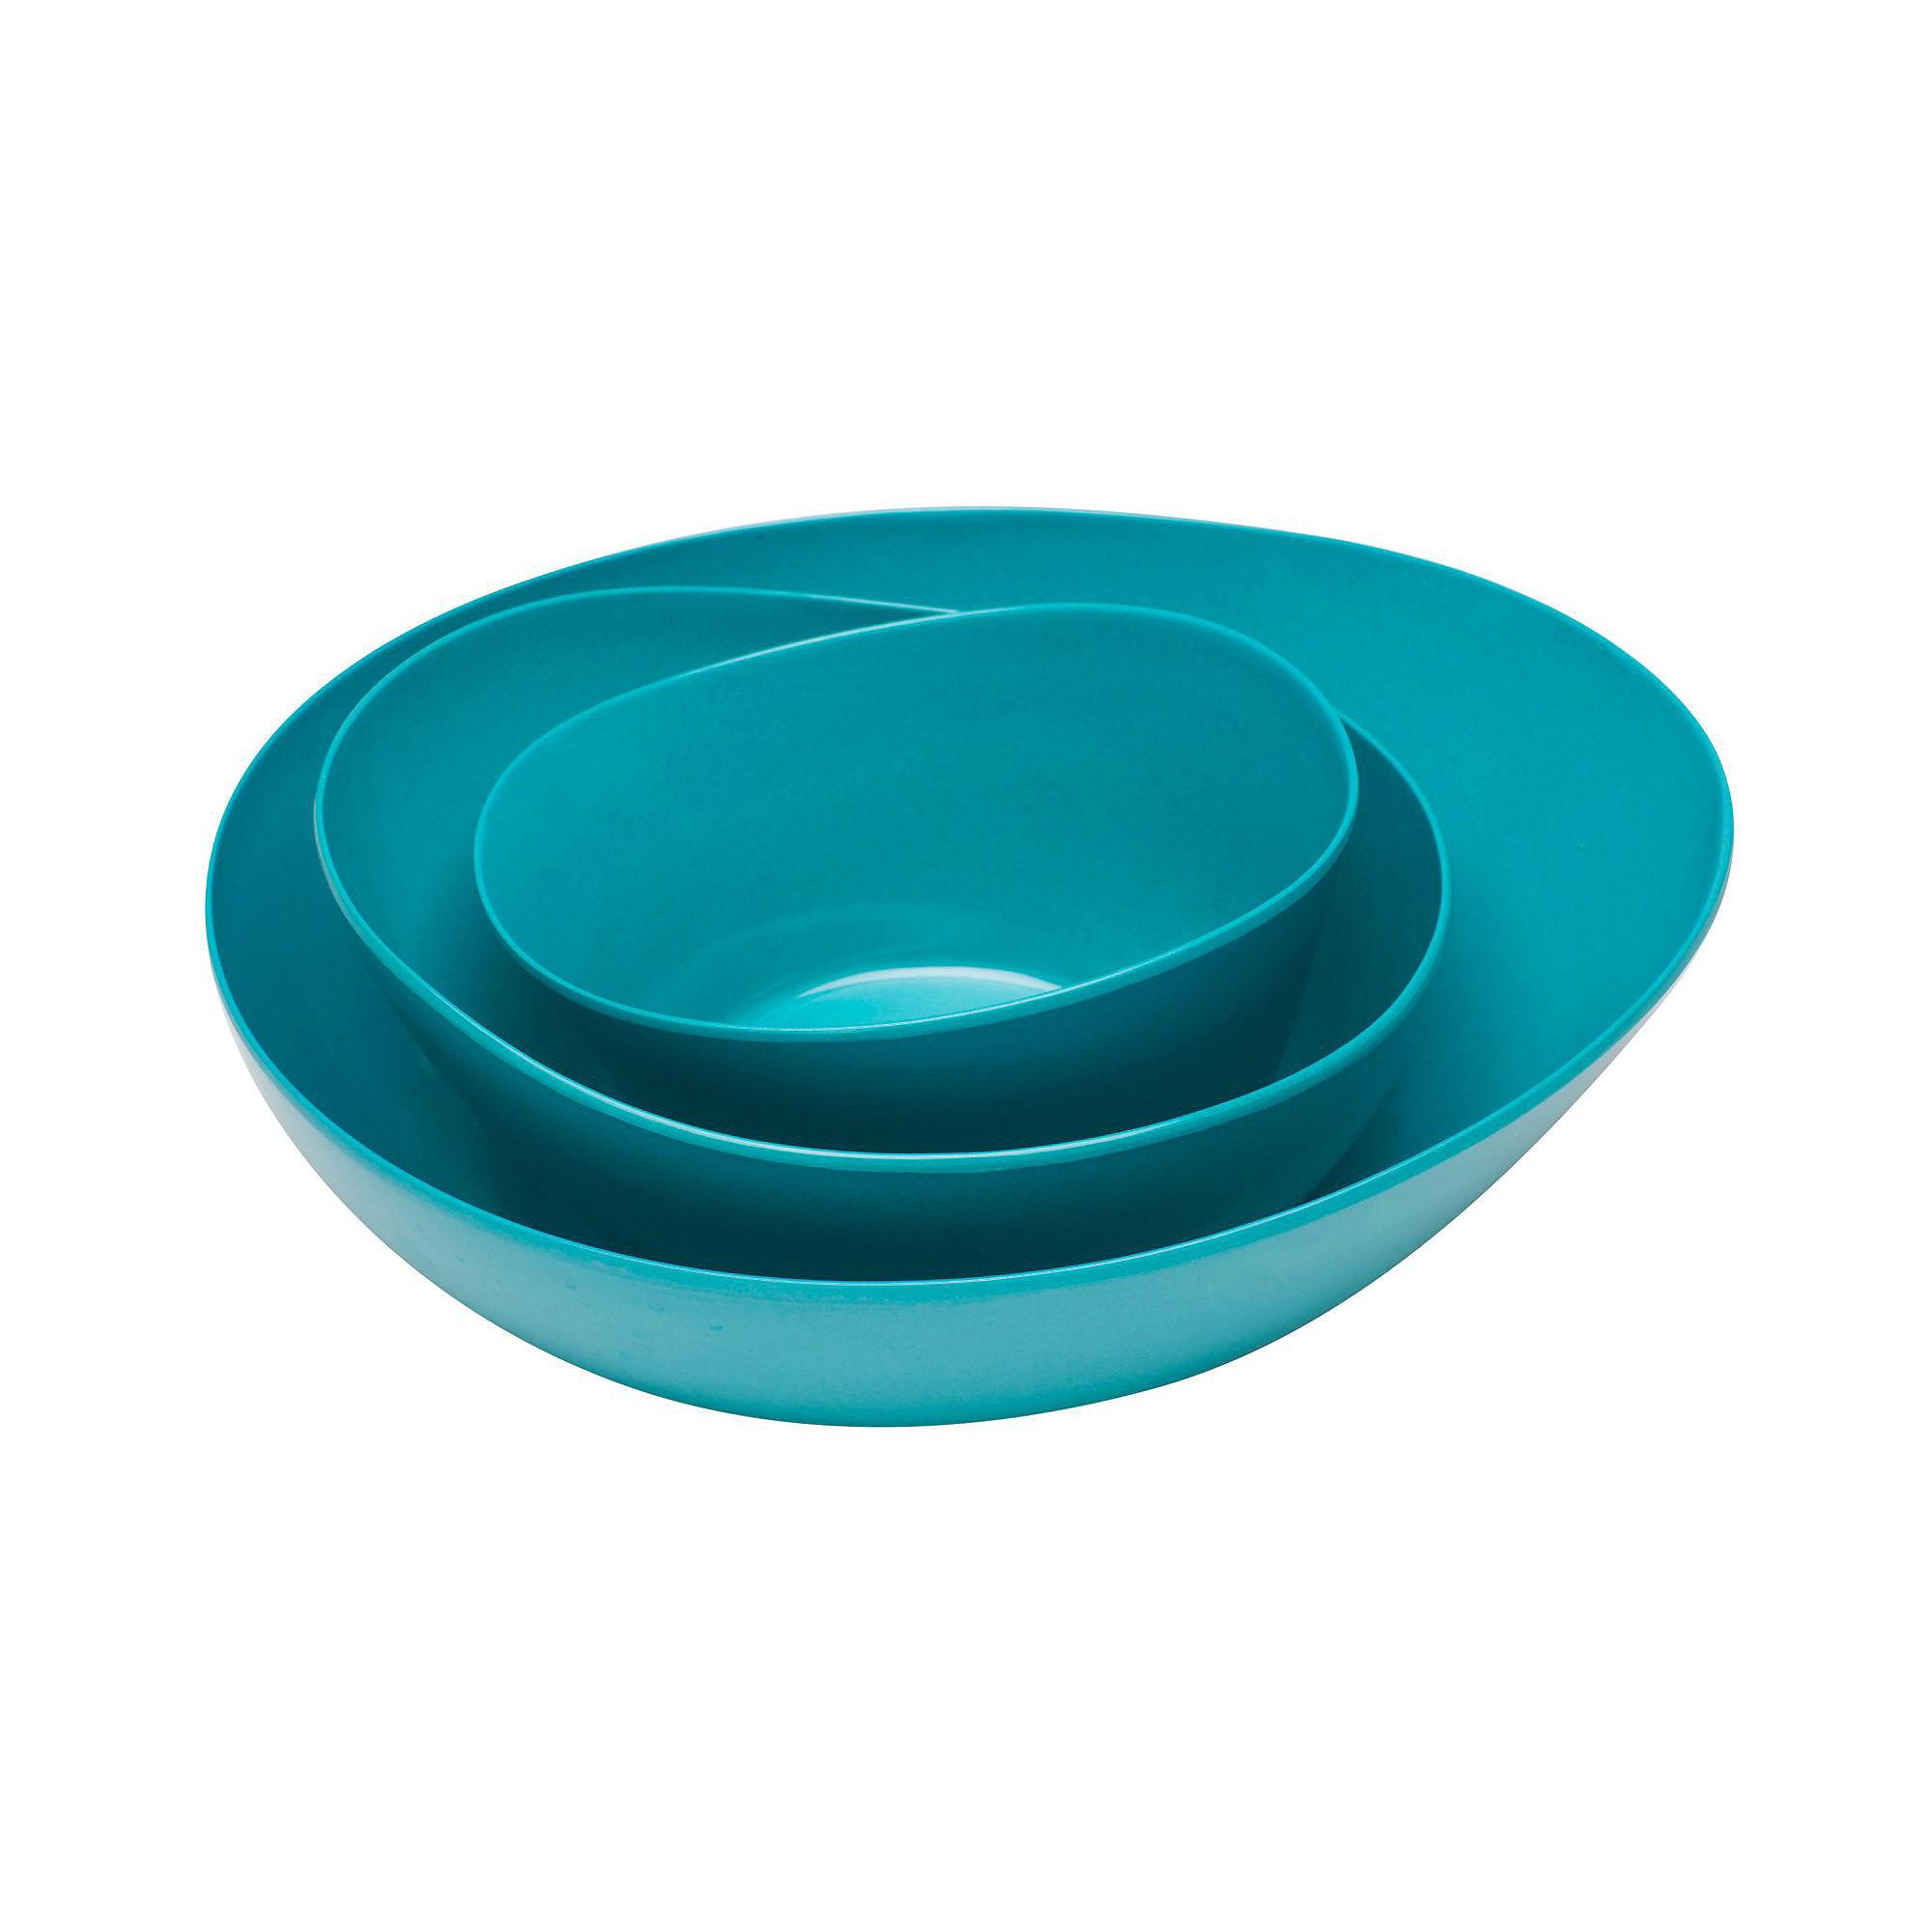 Zak Designs Moso 3-pc. Serving Bowl Set